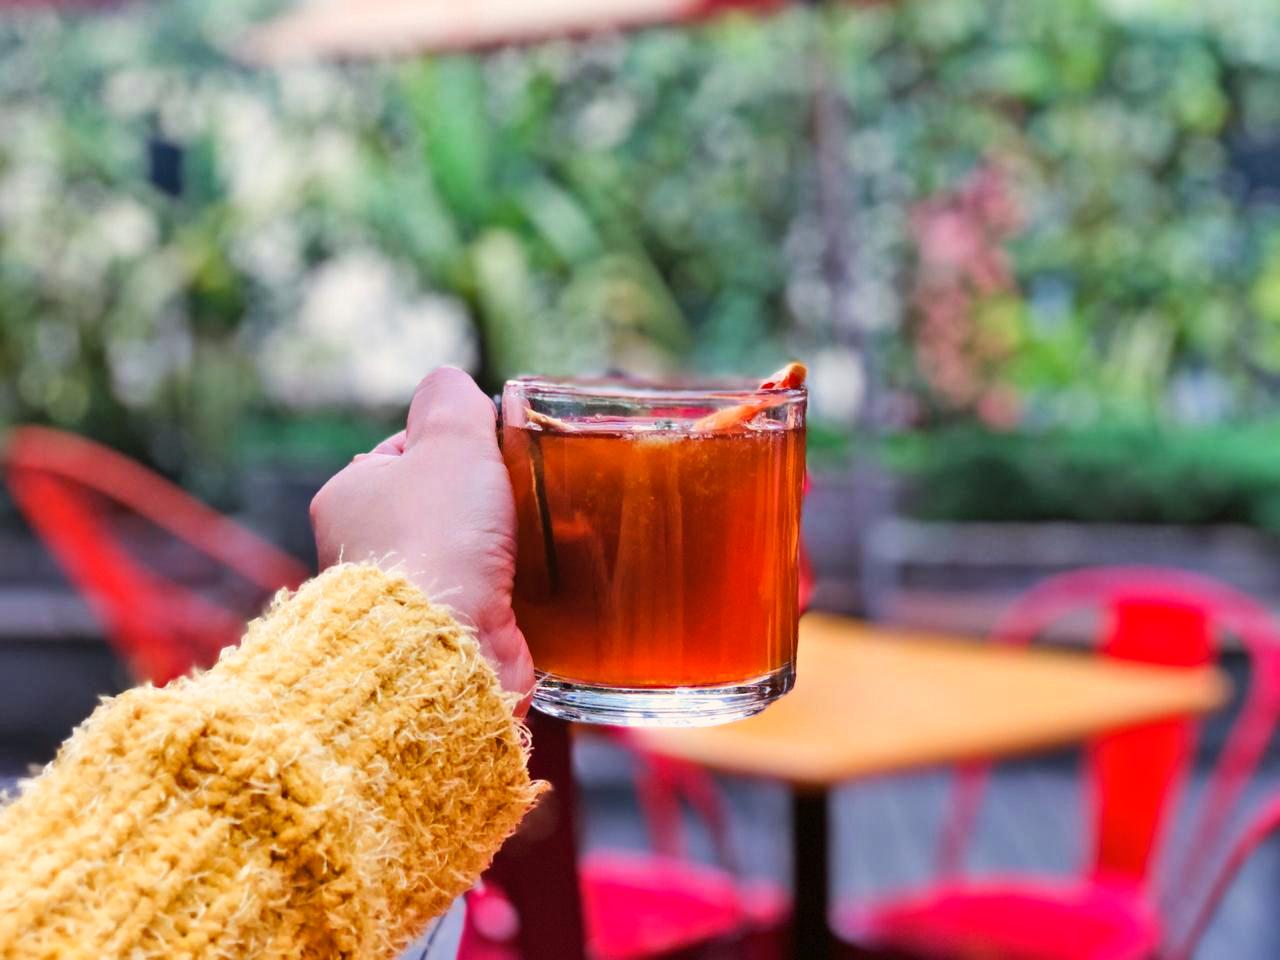 Apúntate al 'terraceo navideño' con bebidas calientes en Biergarten